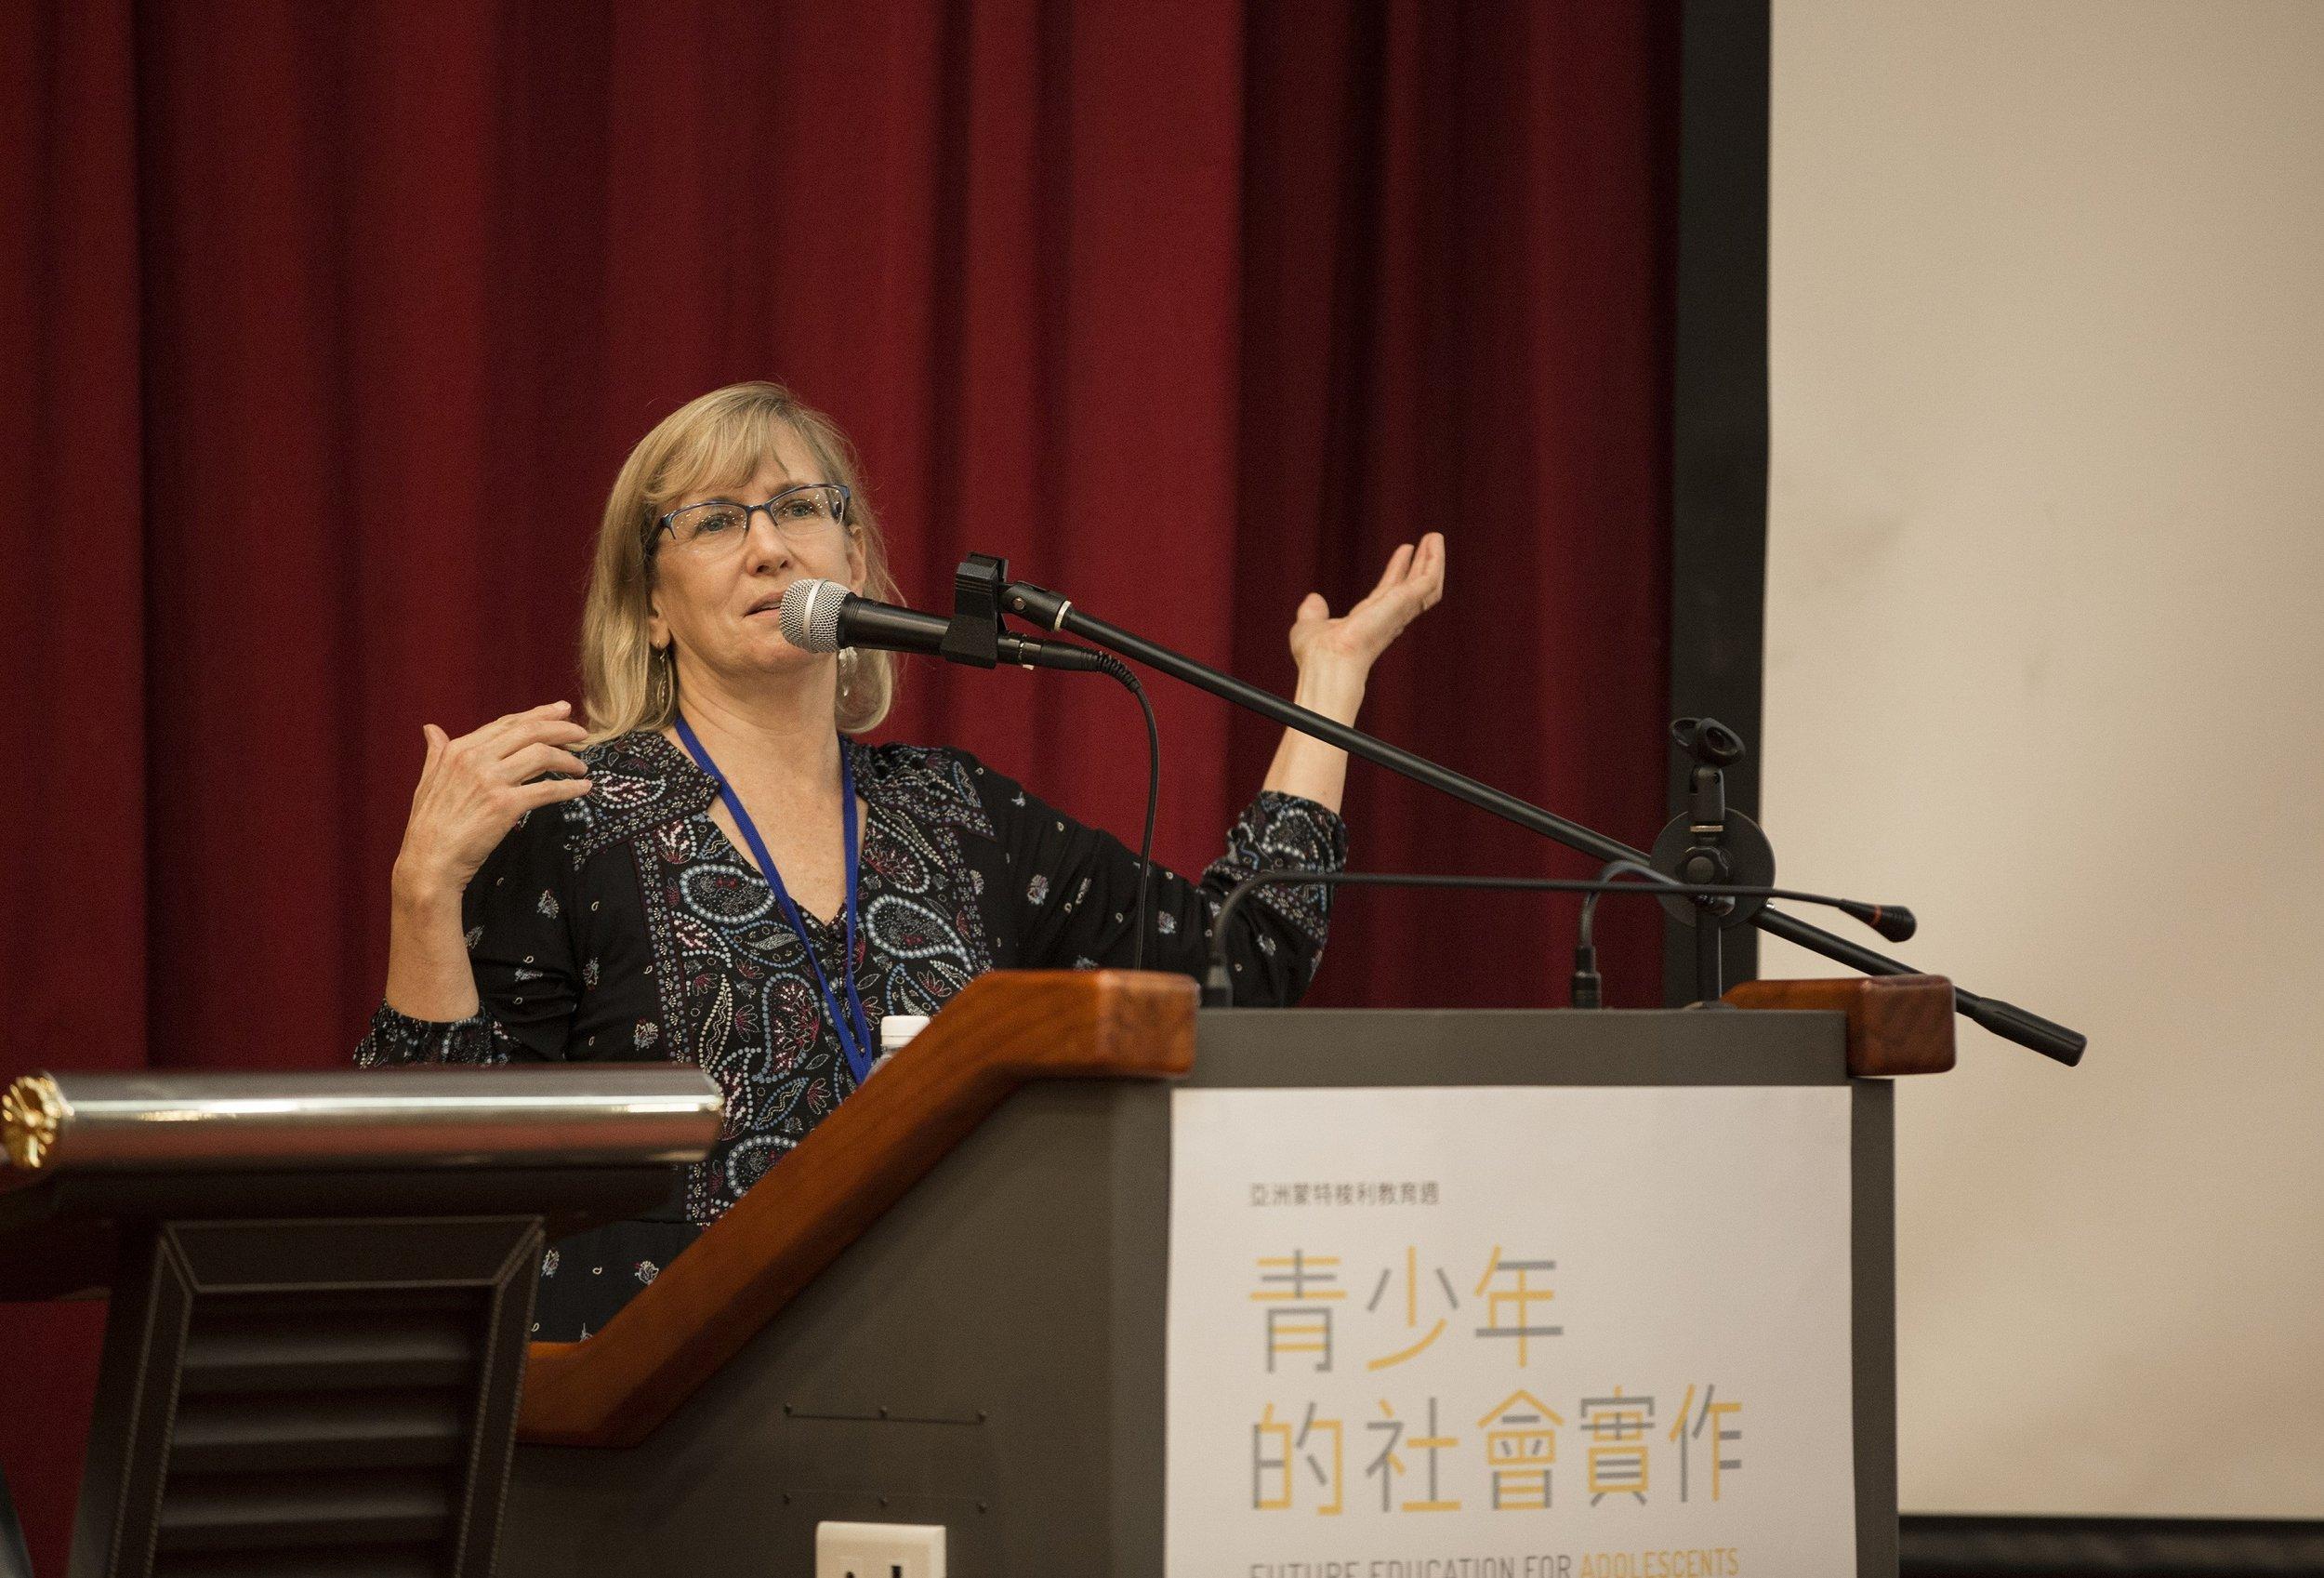 講者Laurie Ewert-Krocker.JPG